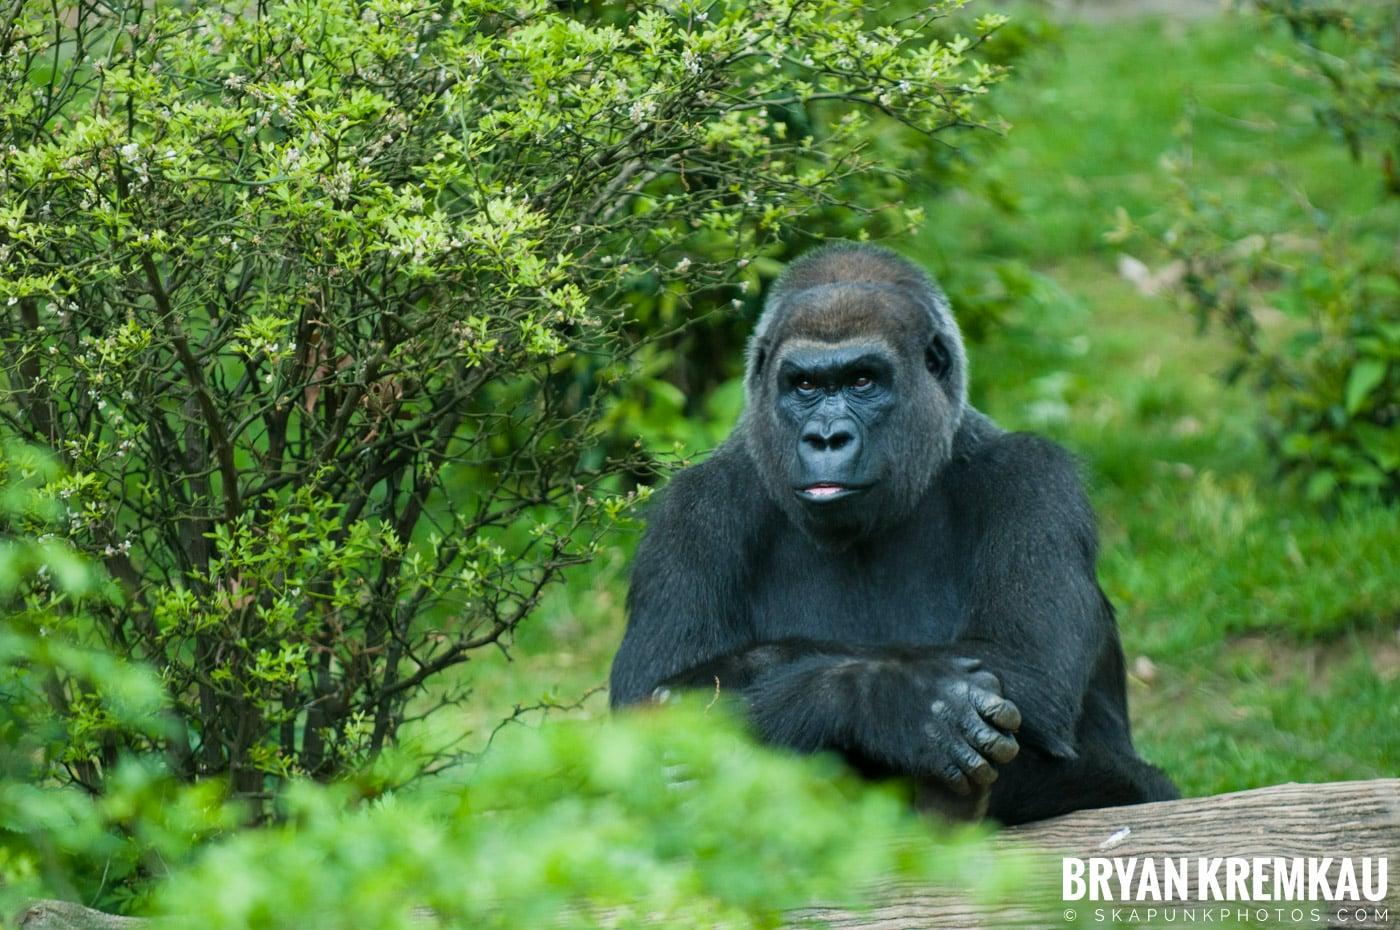 The Bronx Zoo @ Bronx, NYC - 5.7.11 (36)